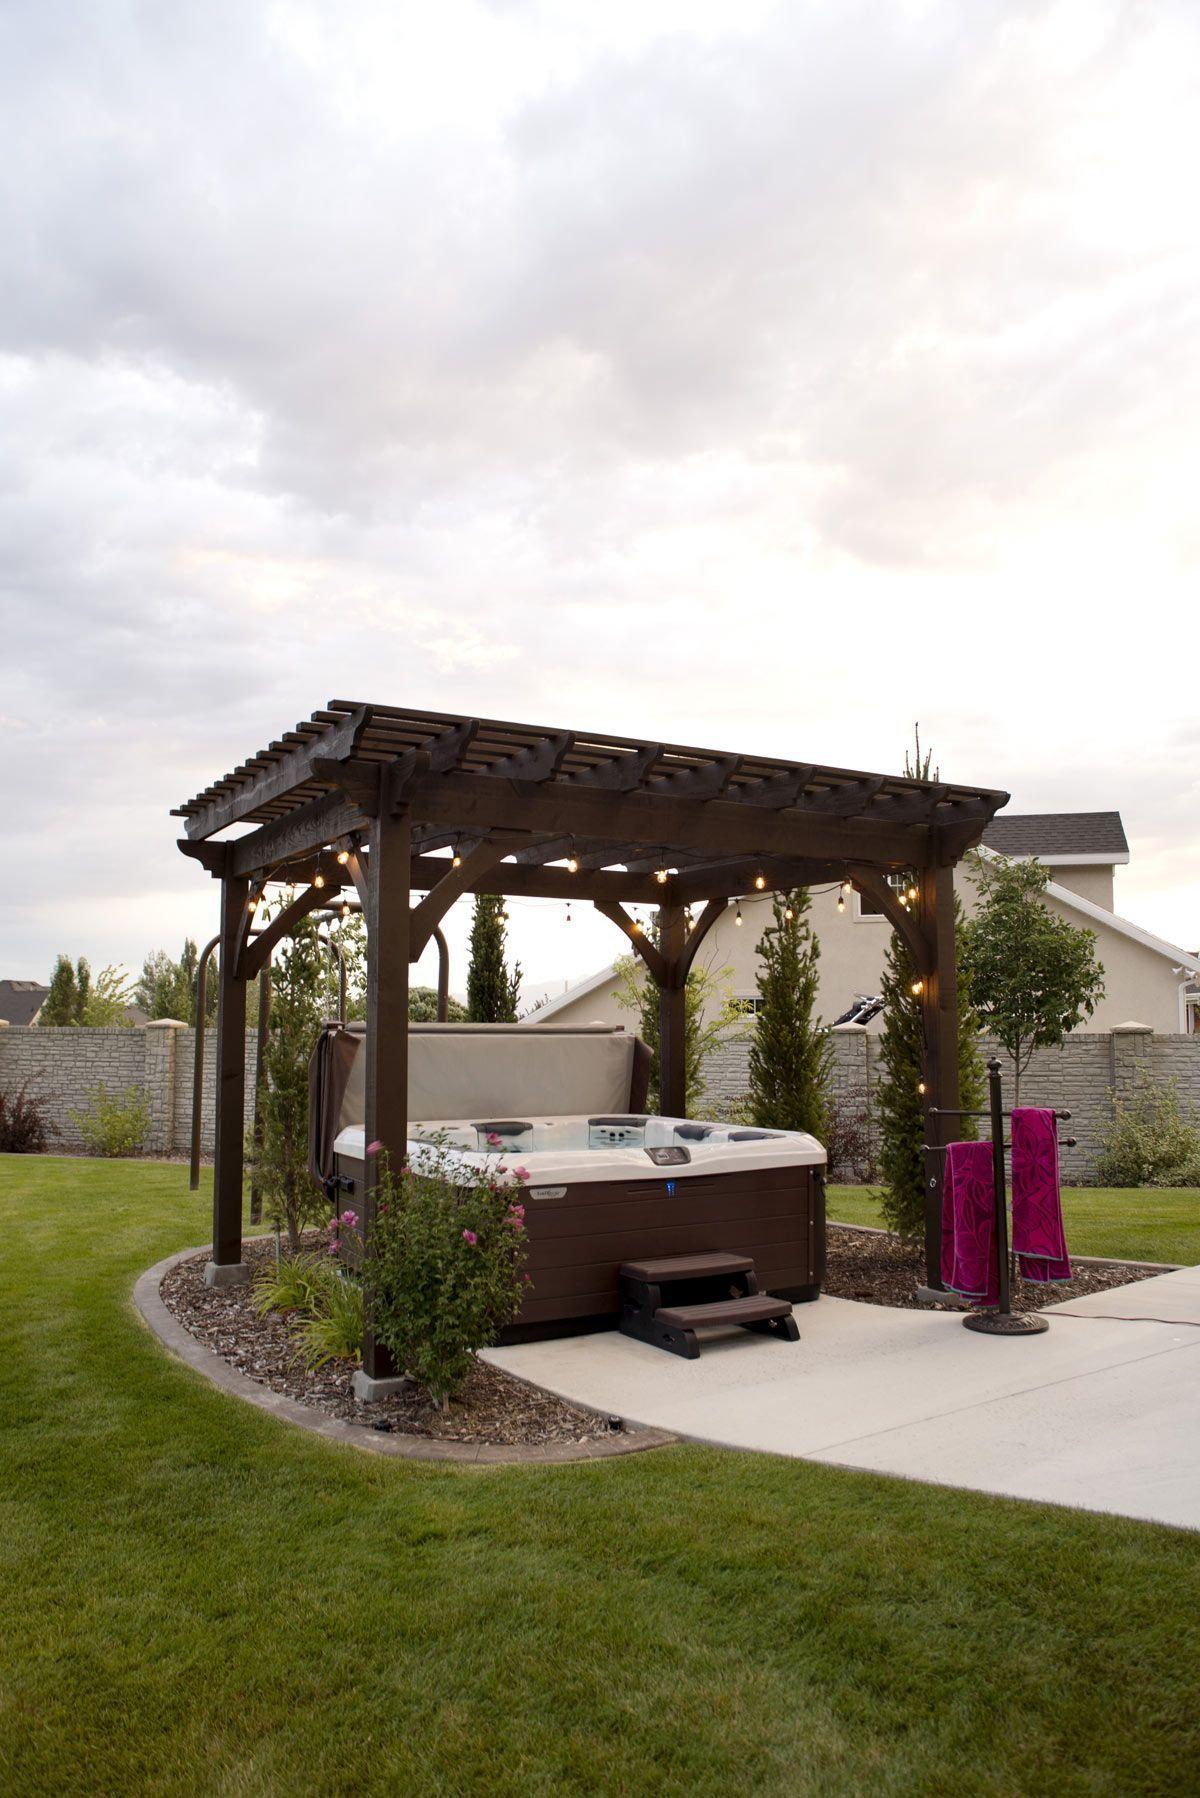 timber frame pergola kit - Timber Frame Pergola Kit Pergola And Trellis Plans In 2018